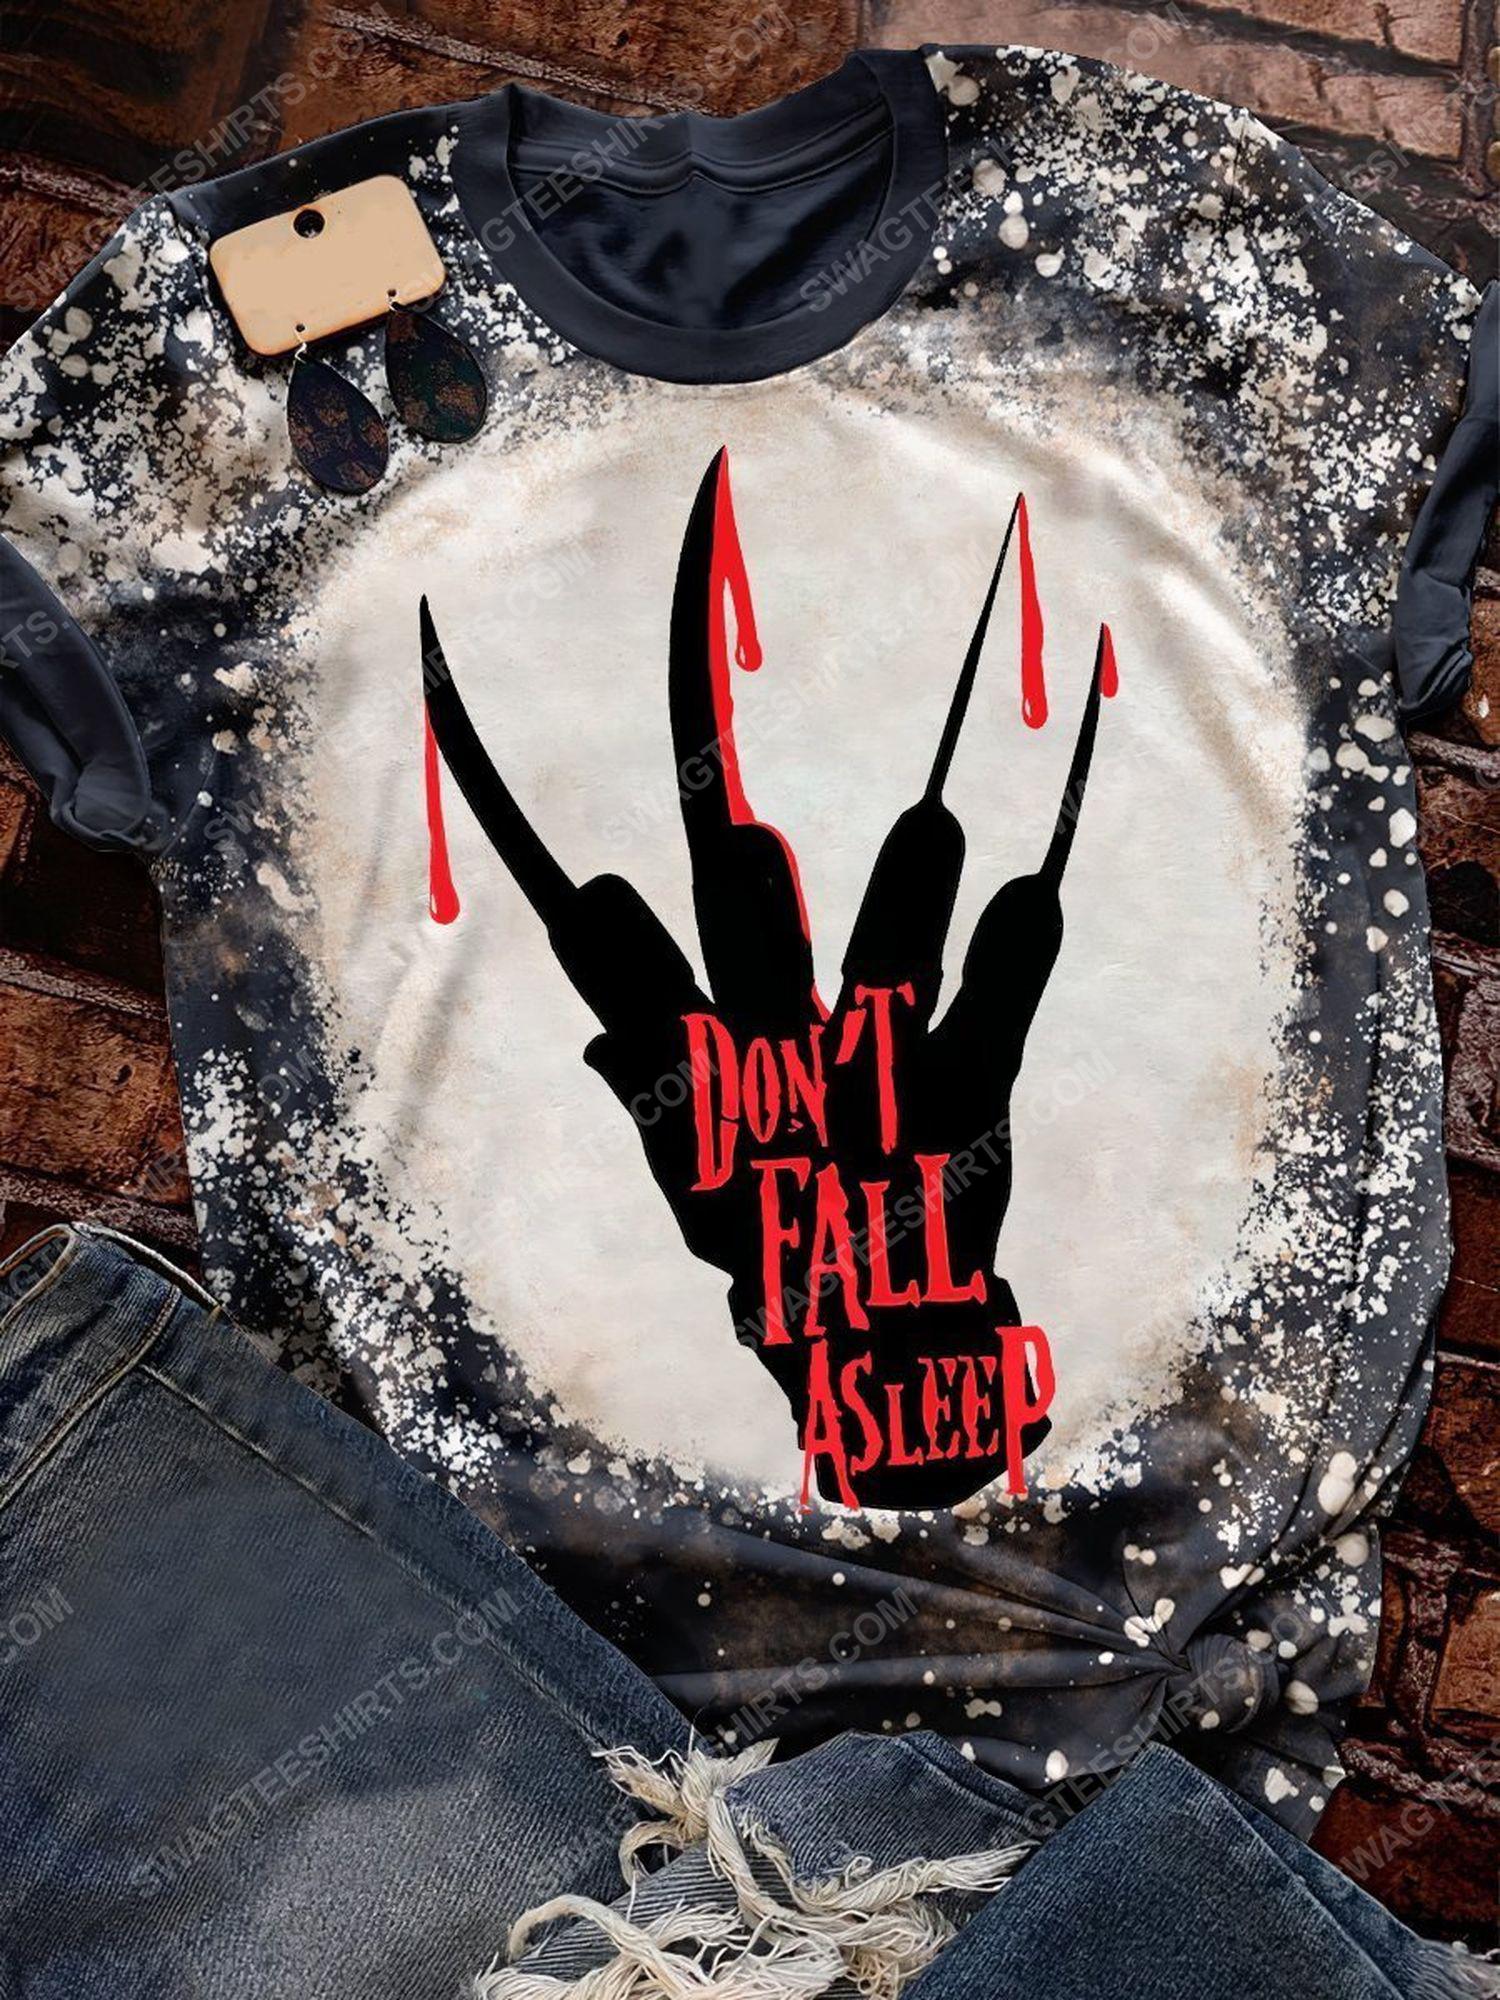 Halloween freddy krueger don't fall asleep bleached shirt 1 - Copy